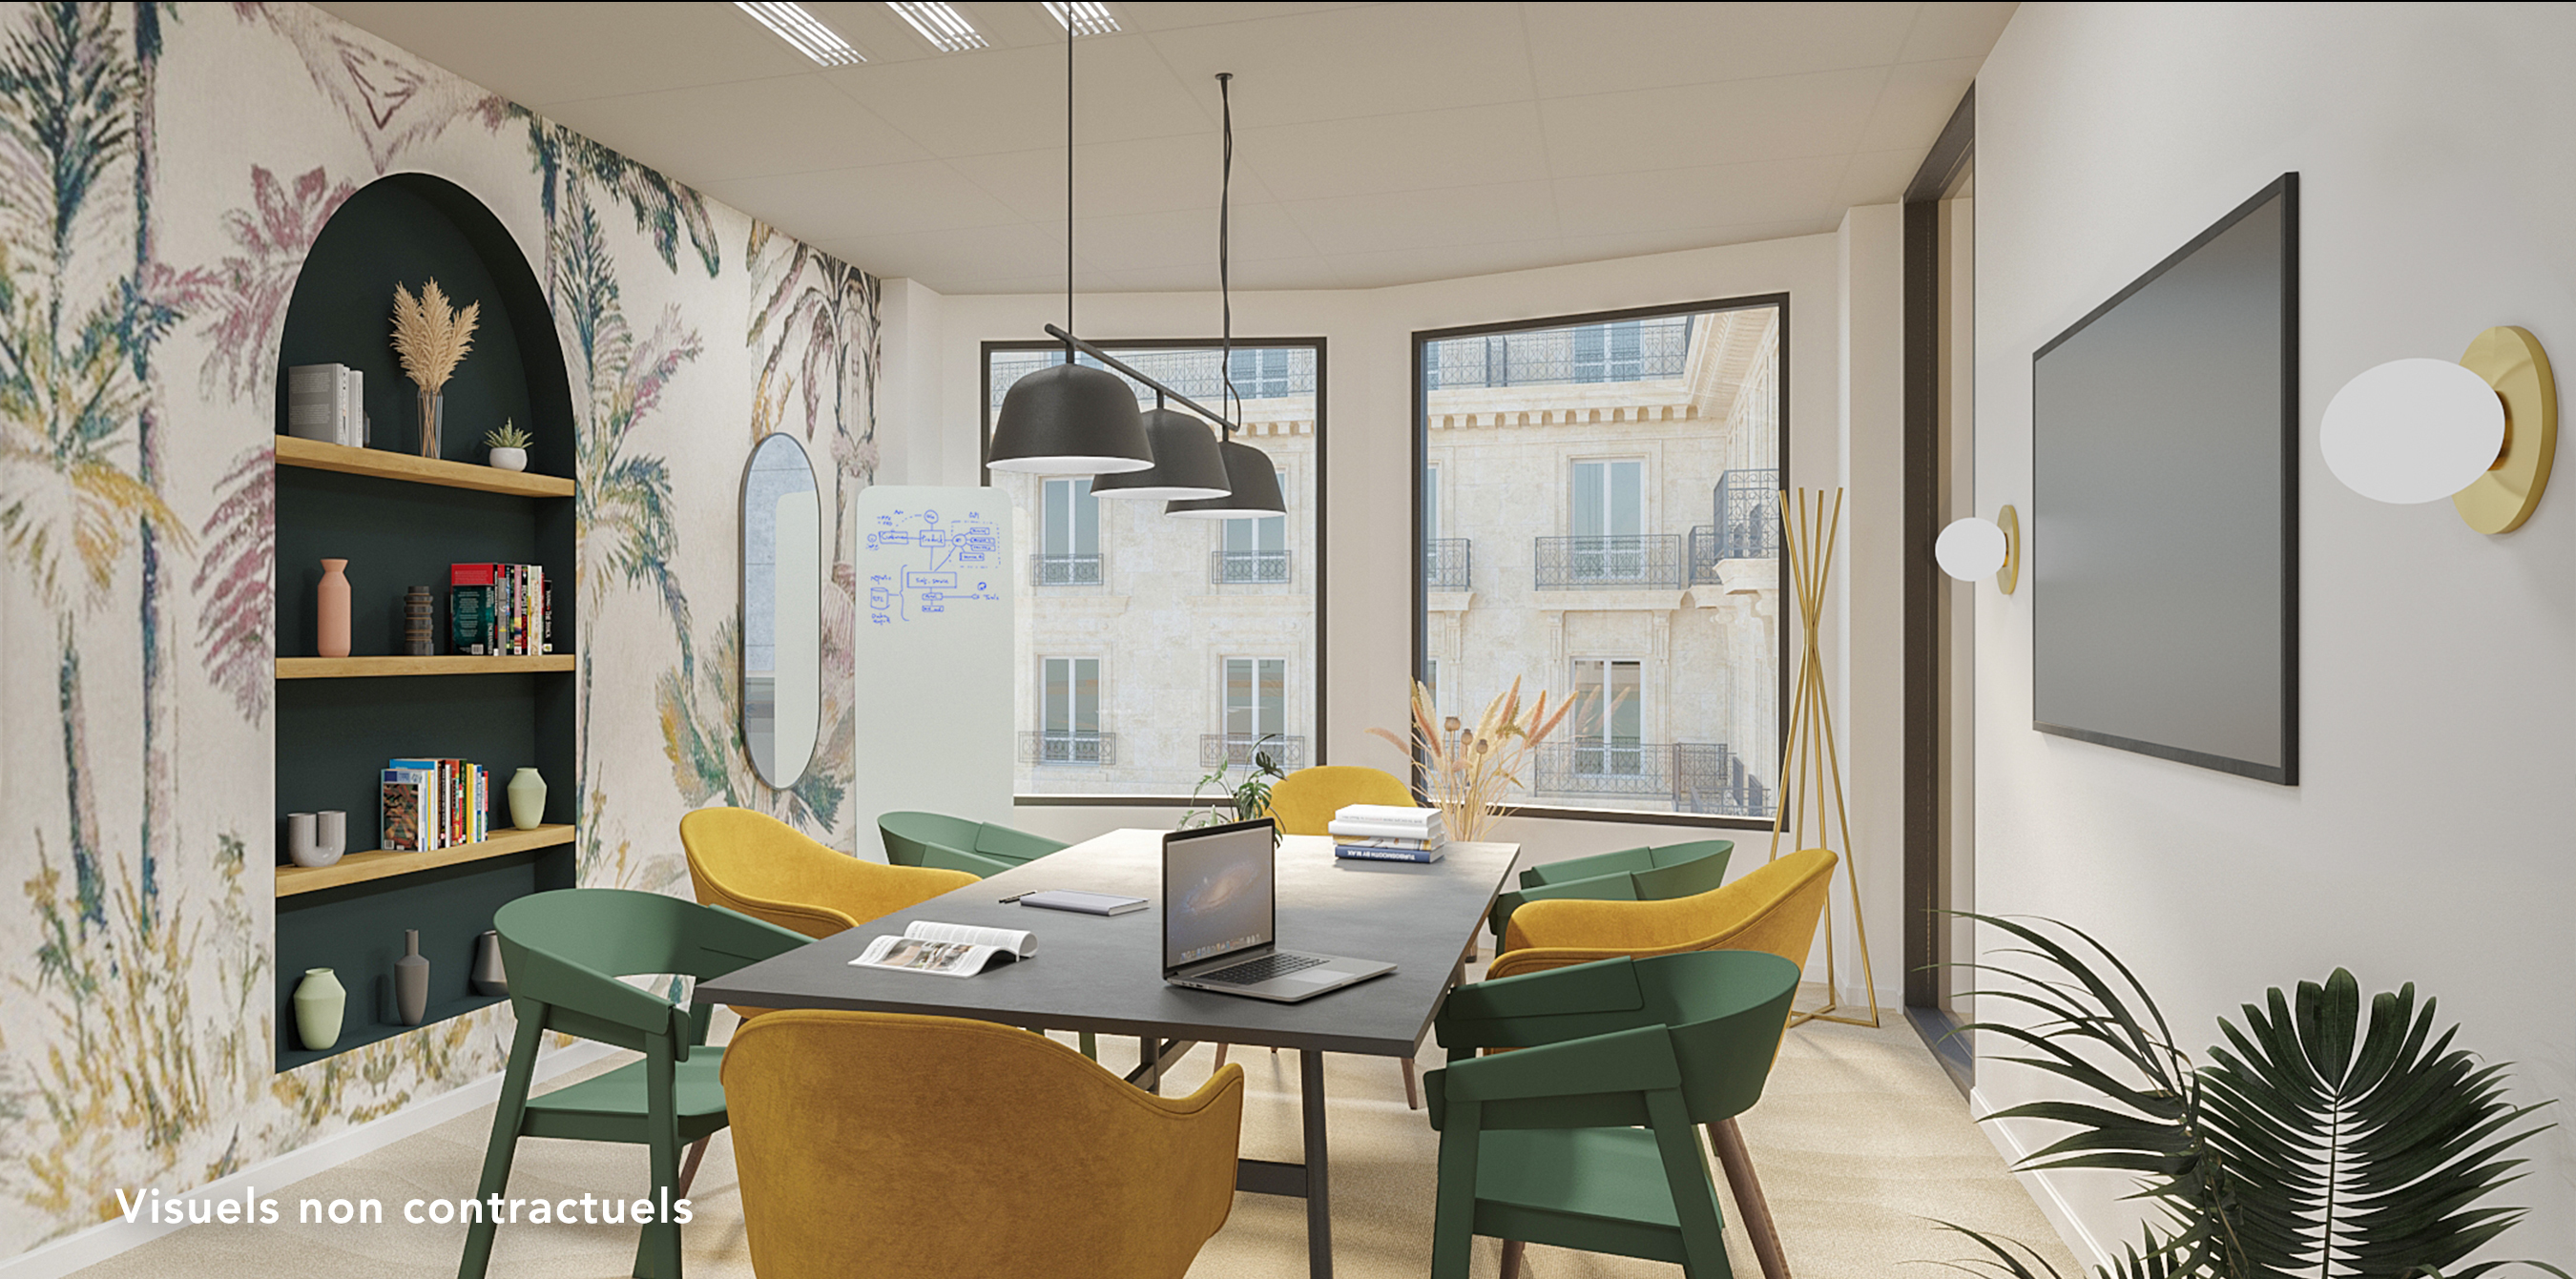 Bureau indépendant Paris 16 - Salle de réunion